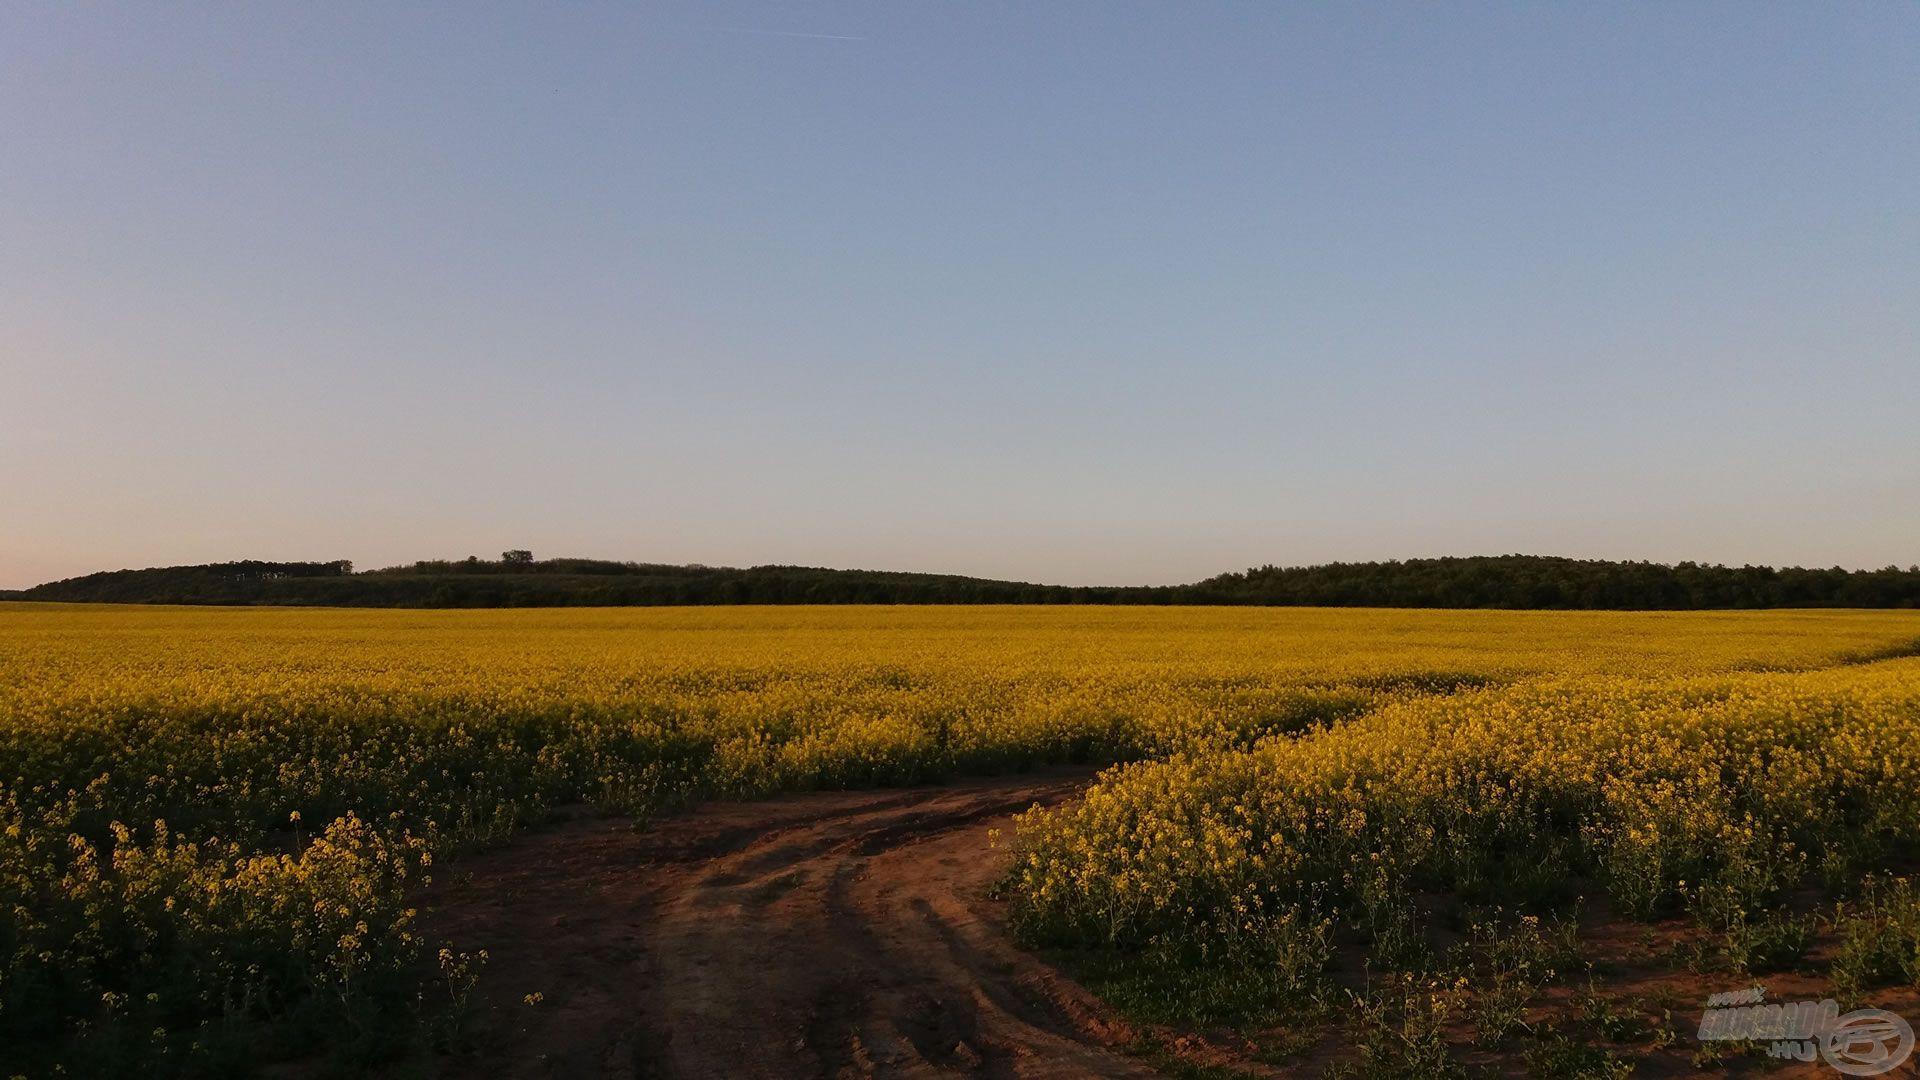 A hazavezető úton a lenyugvó nap fénye világította be a sárga repceföldeket